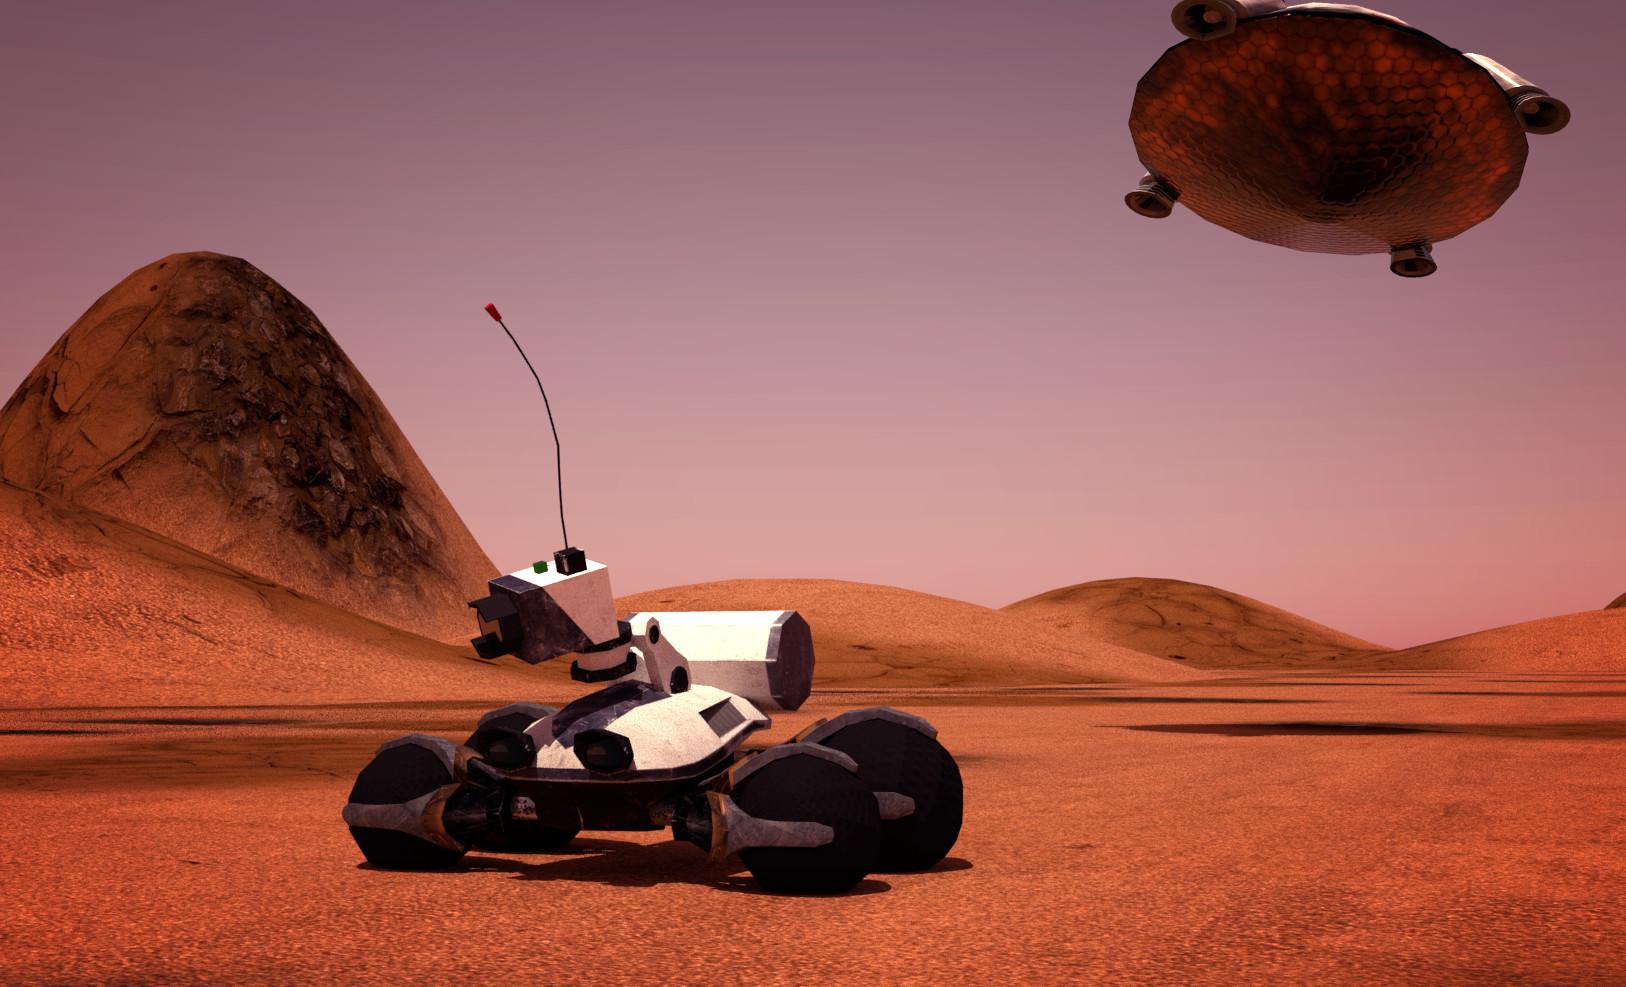 mars rover landing - HD1626×987